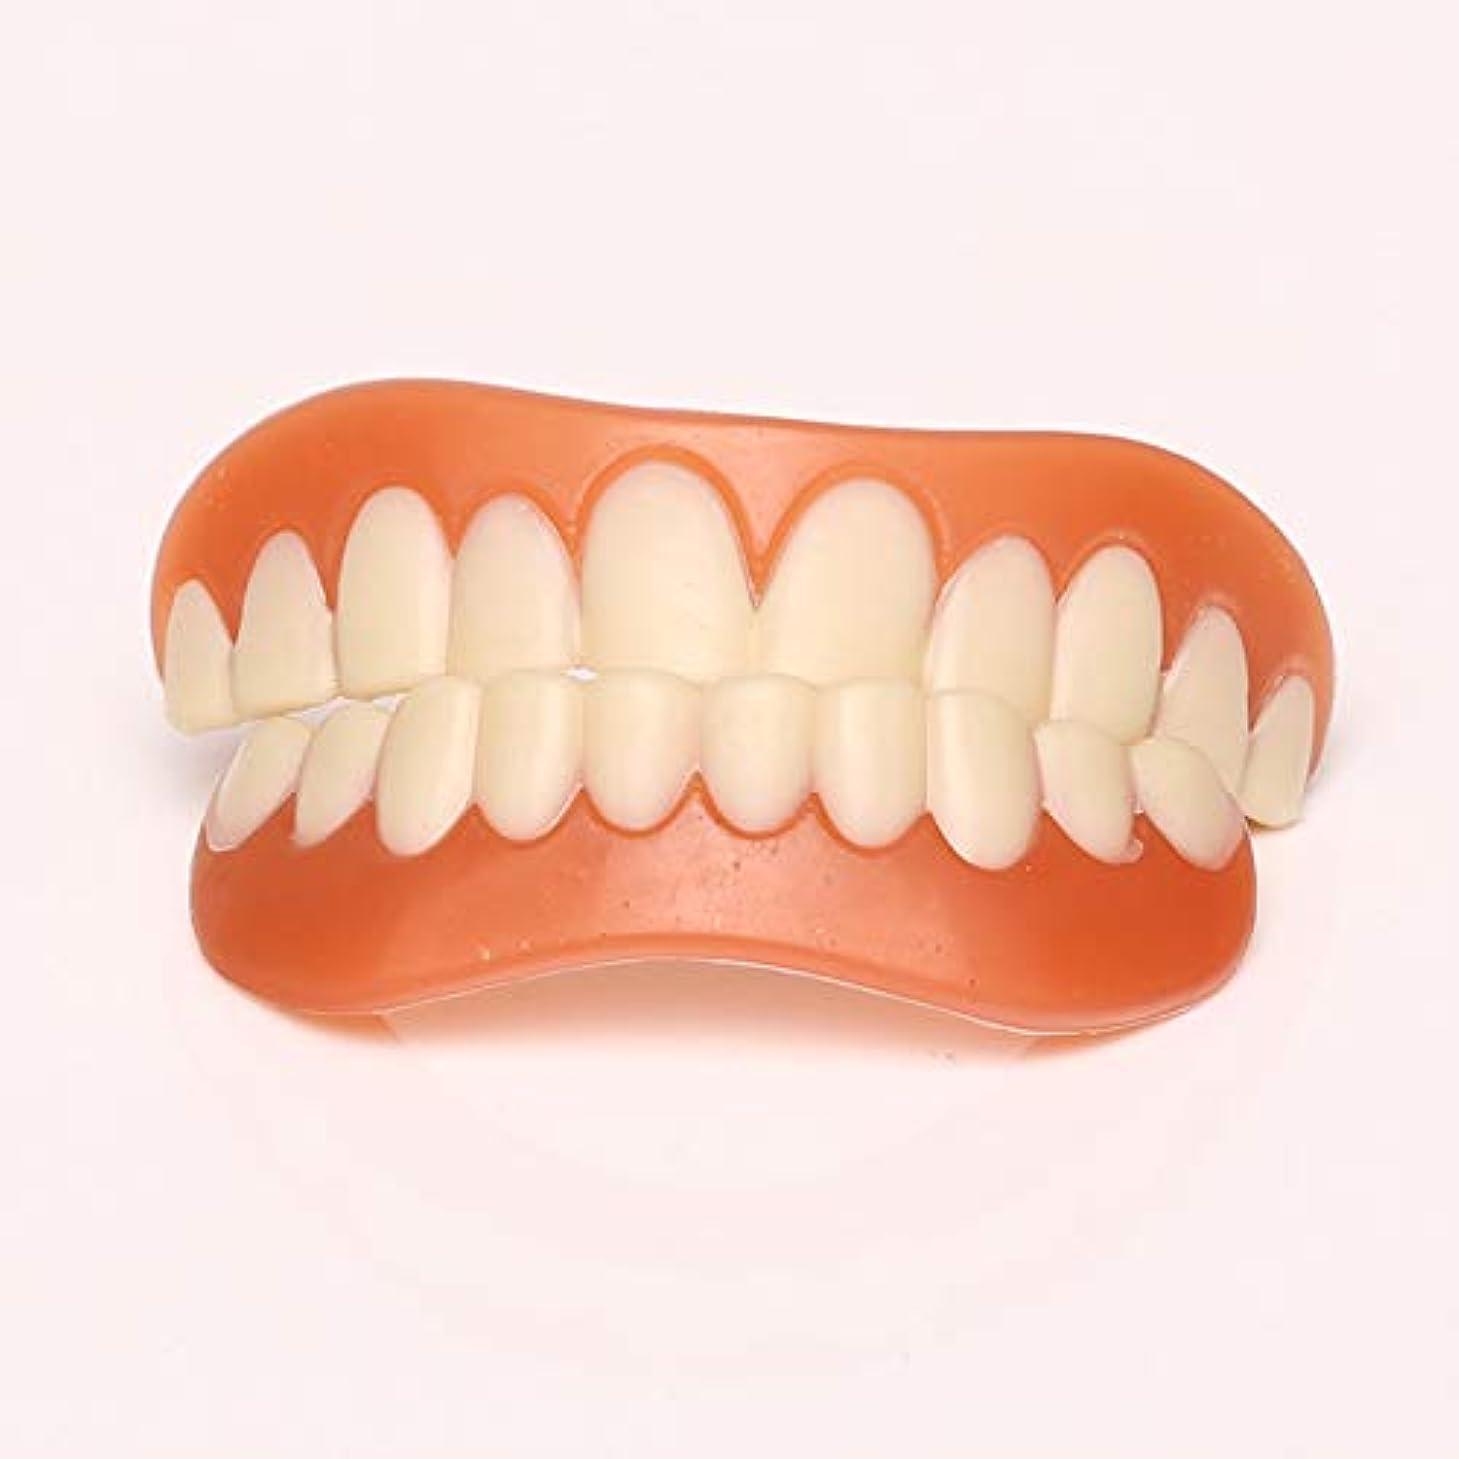 クラッチあまりにもダルセット化粧品の歯、白い歯をきれいにするための快適なフィットフレックス歯ソケット、化粧品の歯義歯の歯のトップ化粧品、5セット